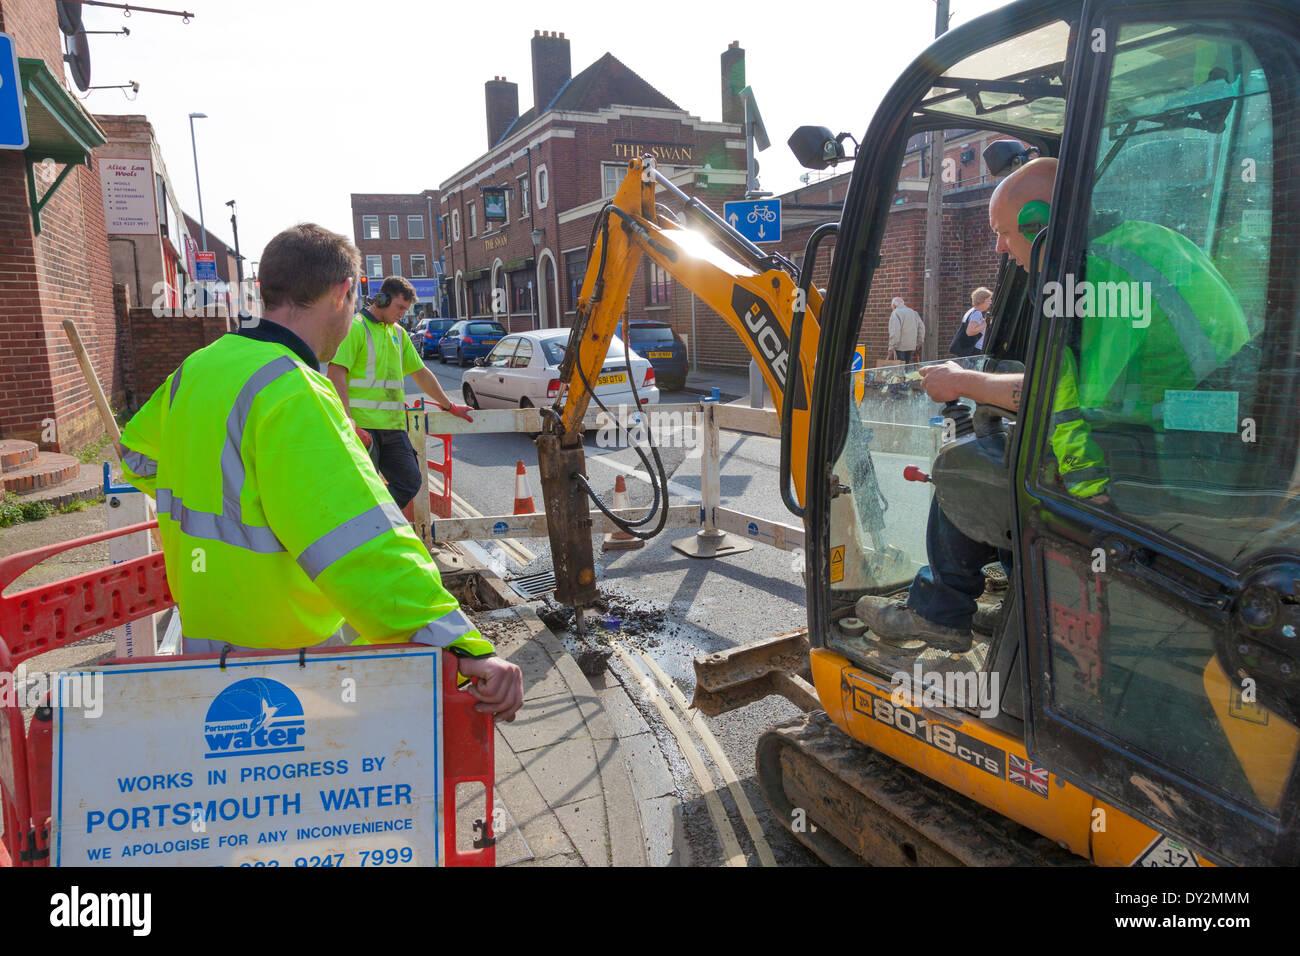 Acqua società operai che scava in strada nel centro città. Immagini Stock